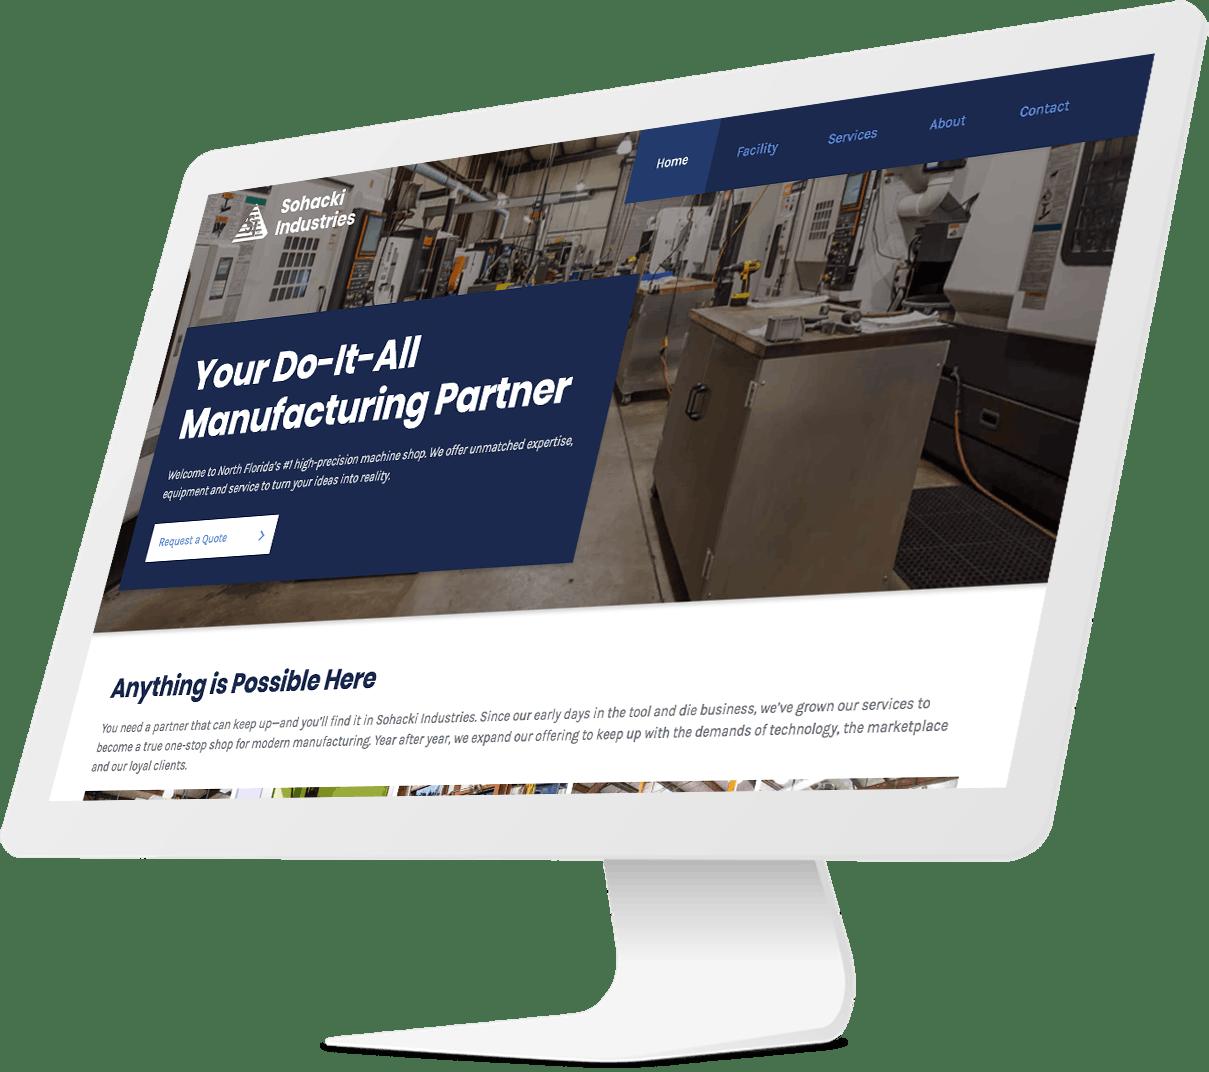 Sohacki Industries website design